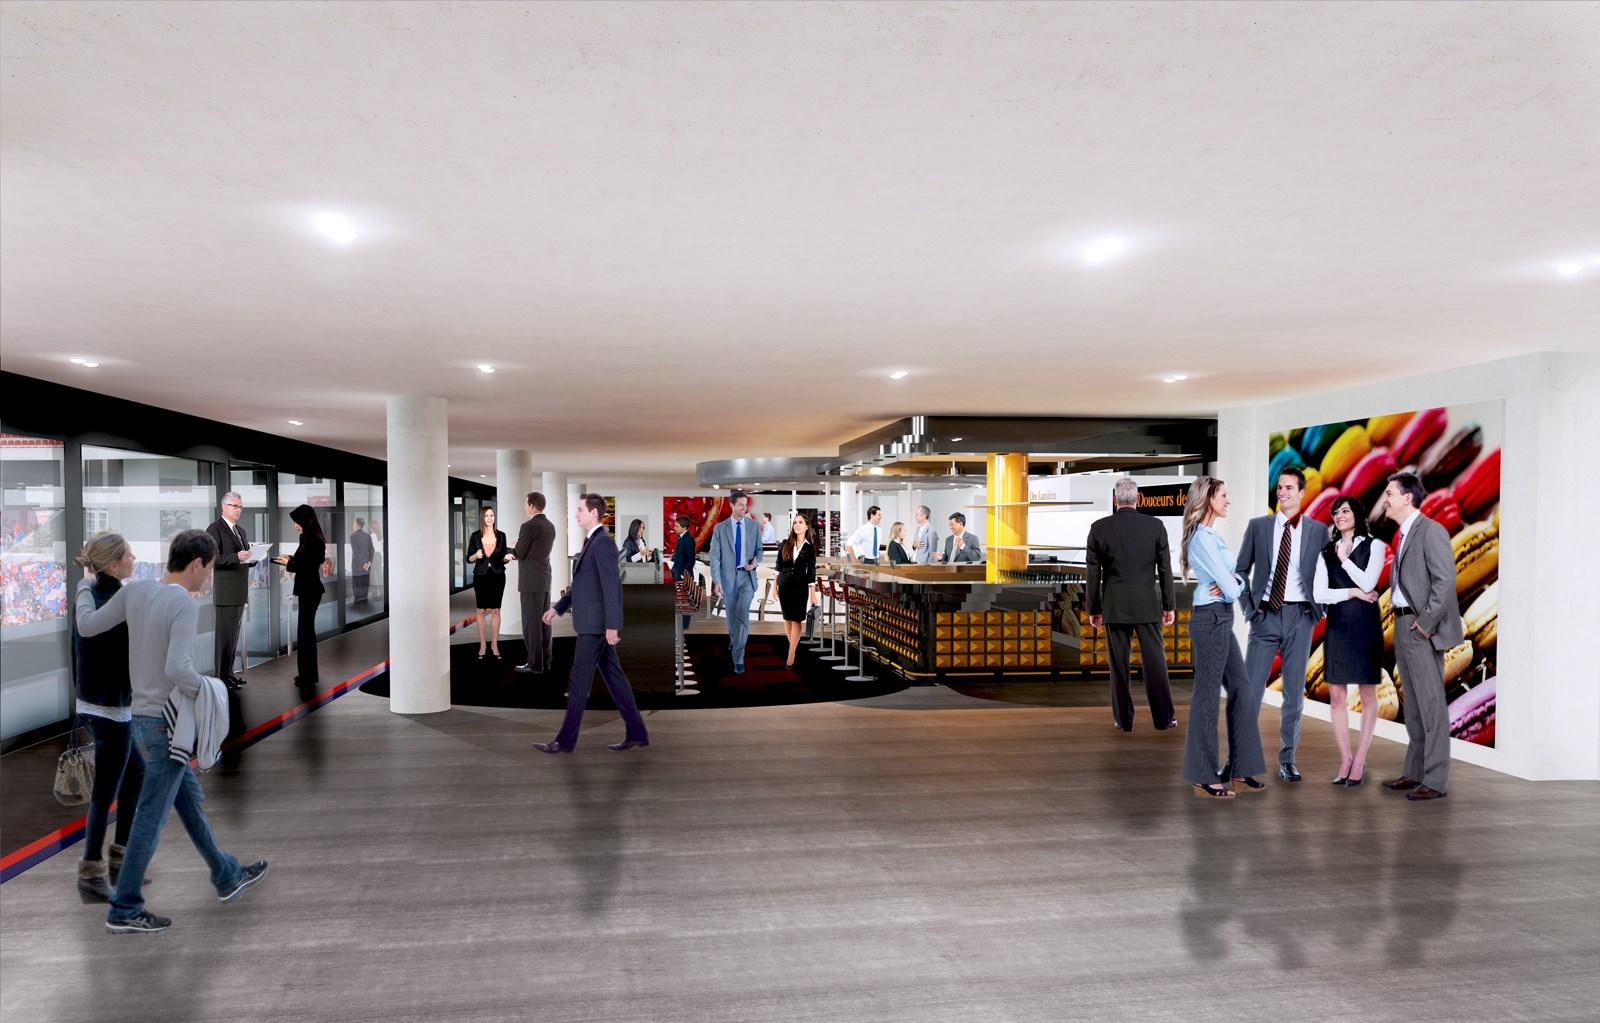 Le parc olympique lyonnais un outil business au service d 39 une experience stade premium - Salon des franchises lyon ...